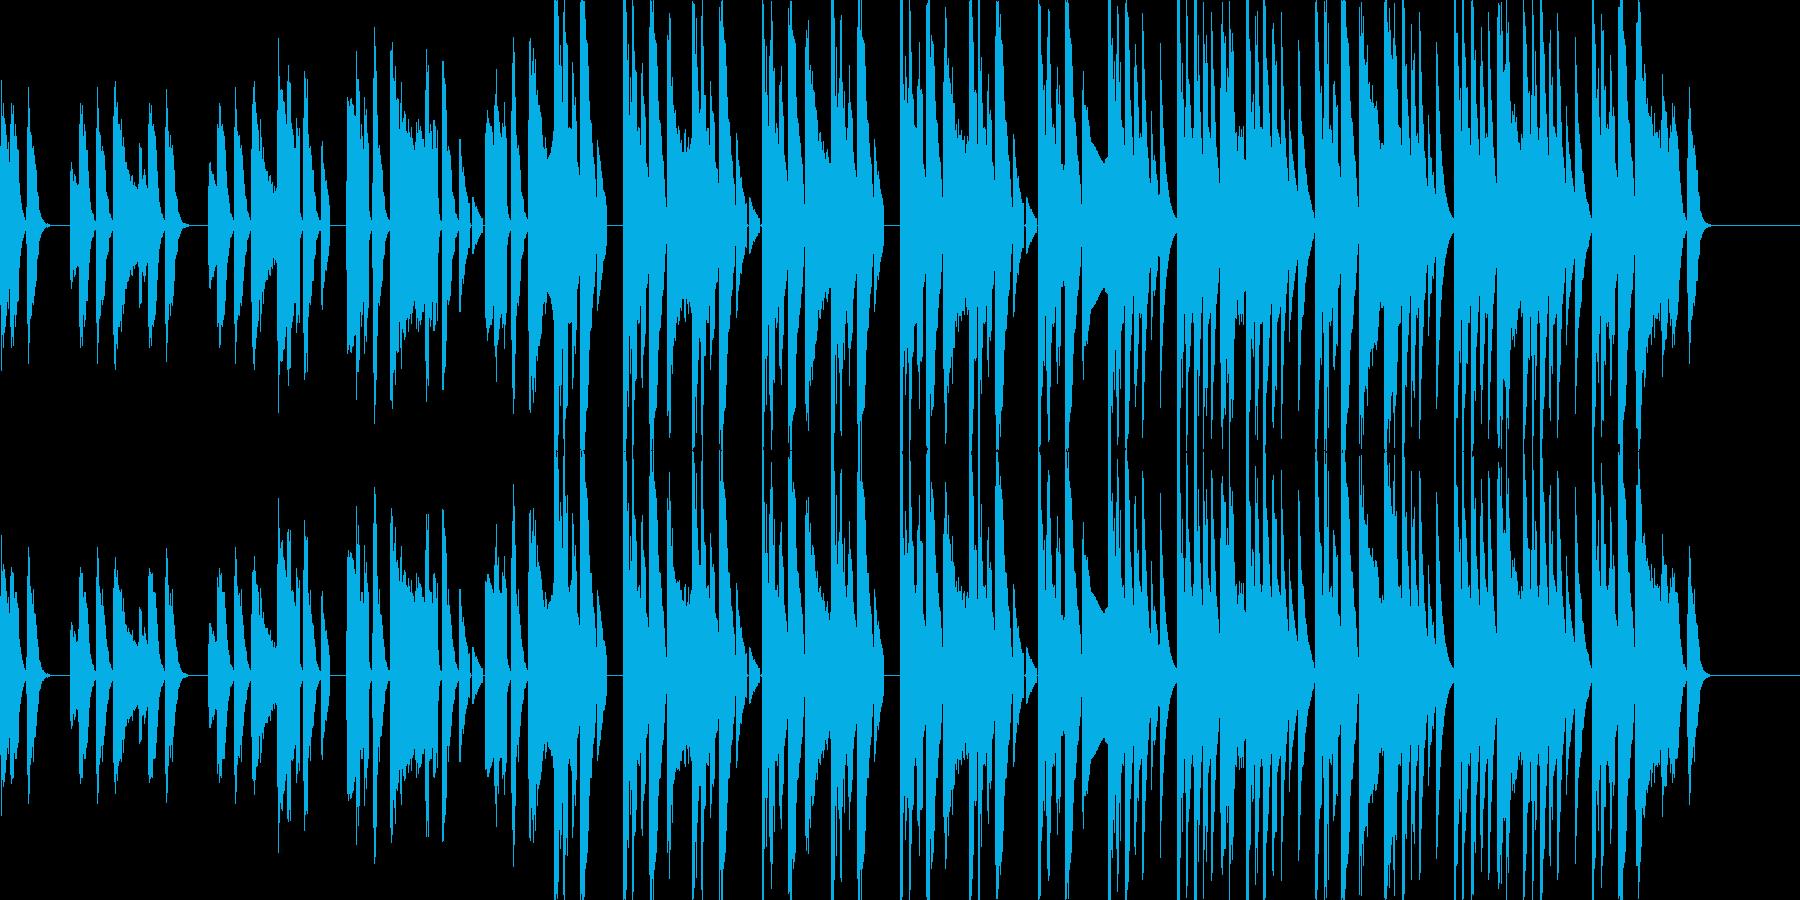 ピアノのリズムが特徴的なポップスグルーヴの再生済みの波形